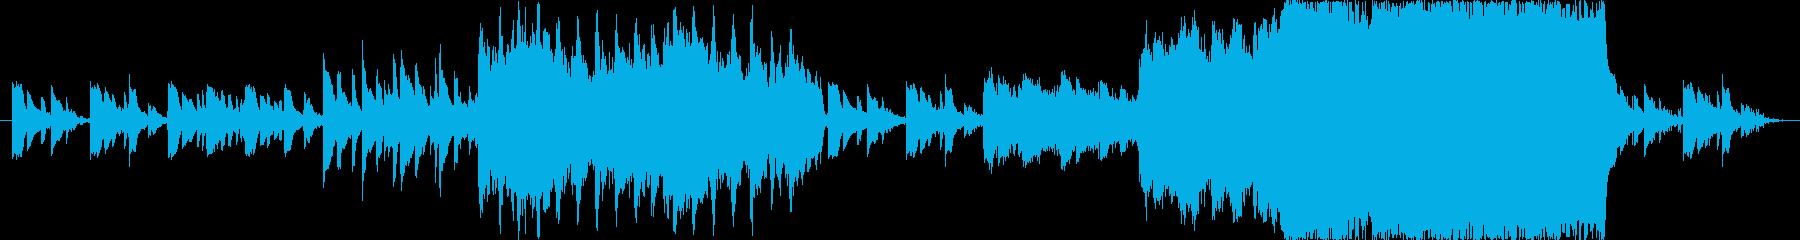 感動的で壮大に切ない透明感のあるBGMの再生済みの波形